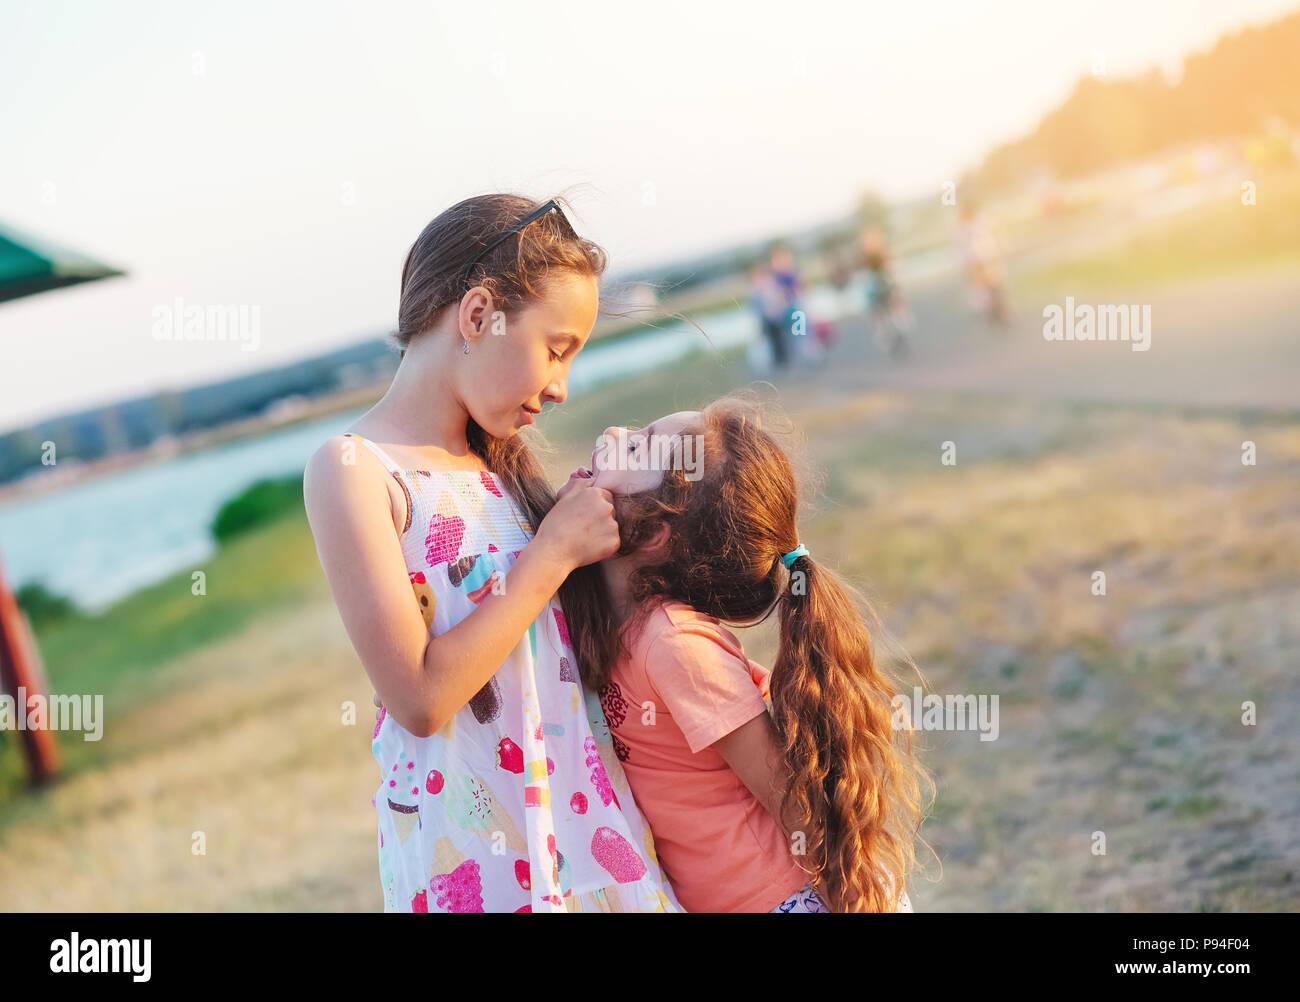 Zwei glückliche kleine Mädchen Spaß haben und sich an der Wiese im Sommer Tag Stockfoto